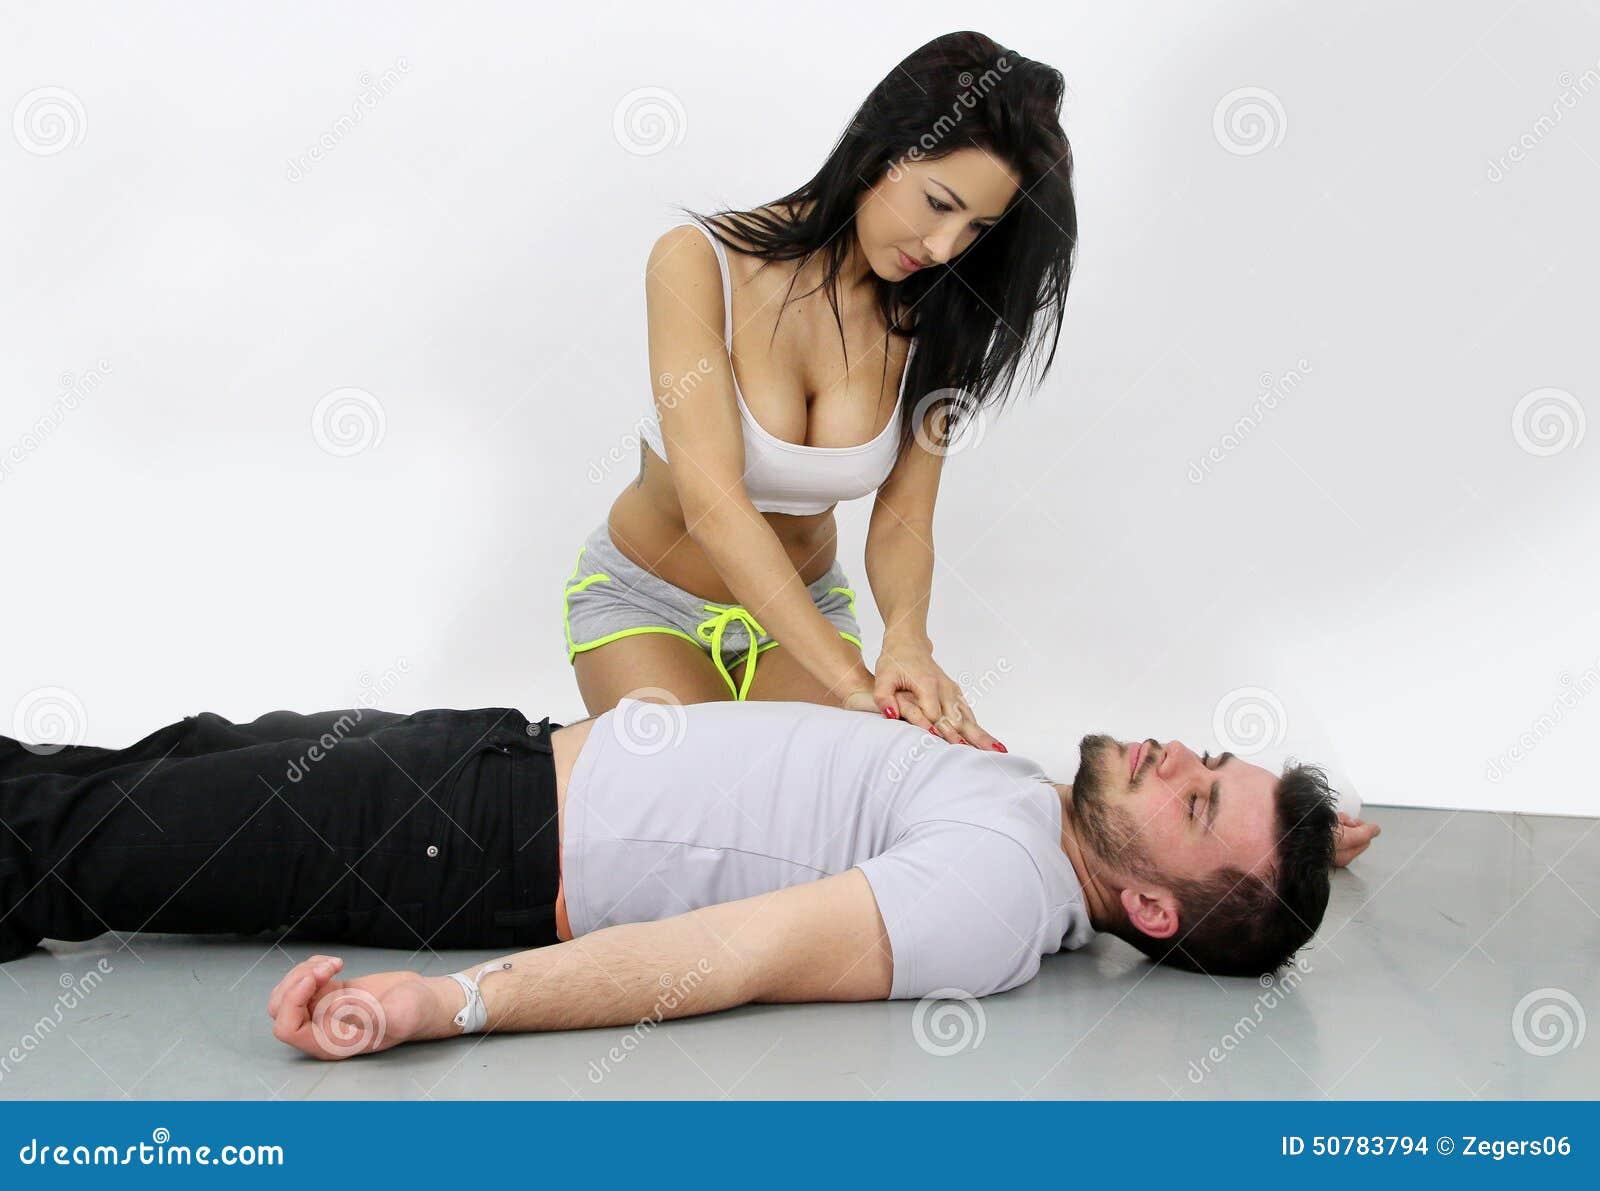 nederlandsesex sex in the massage